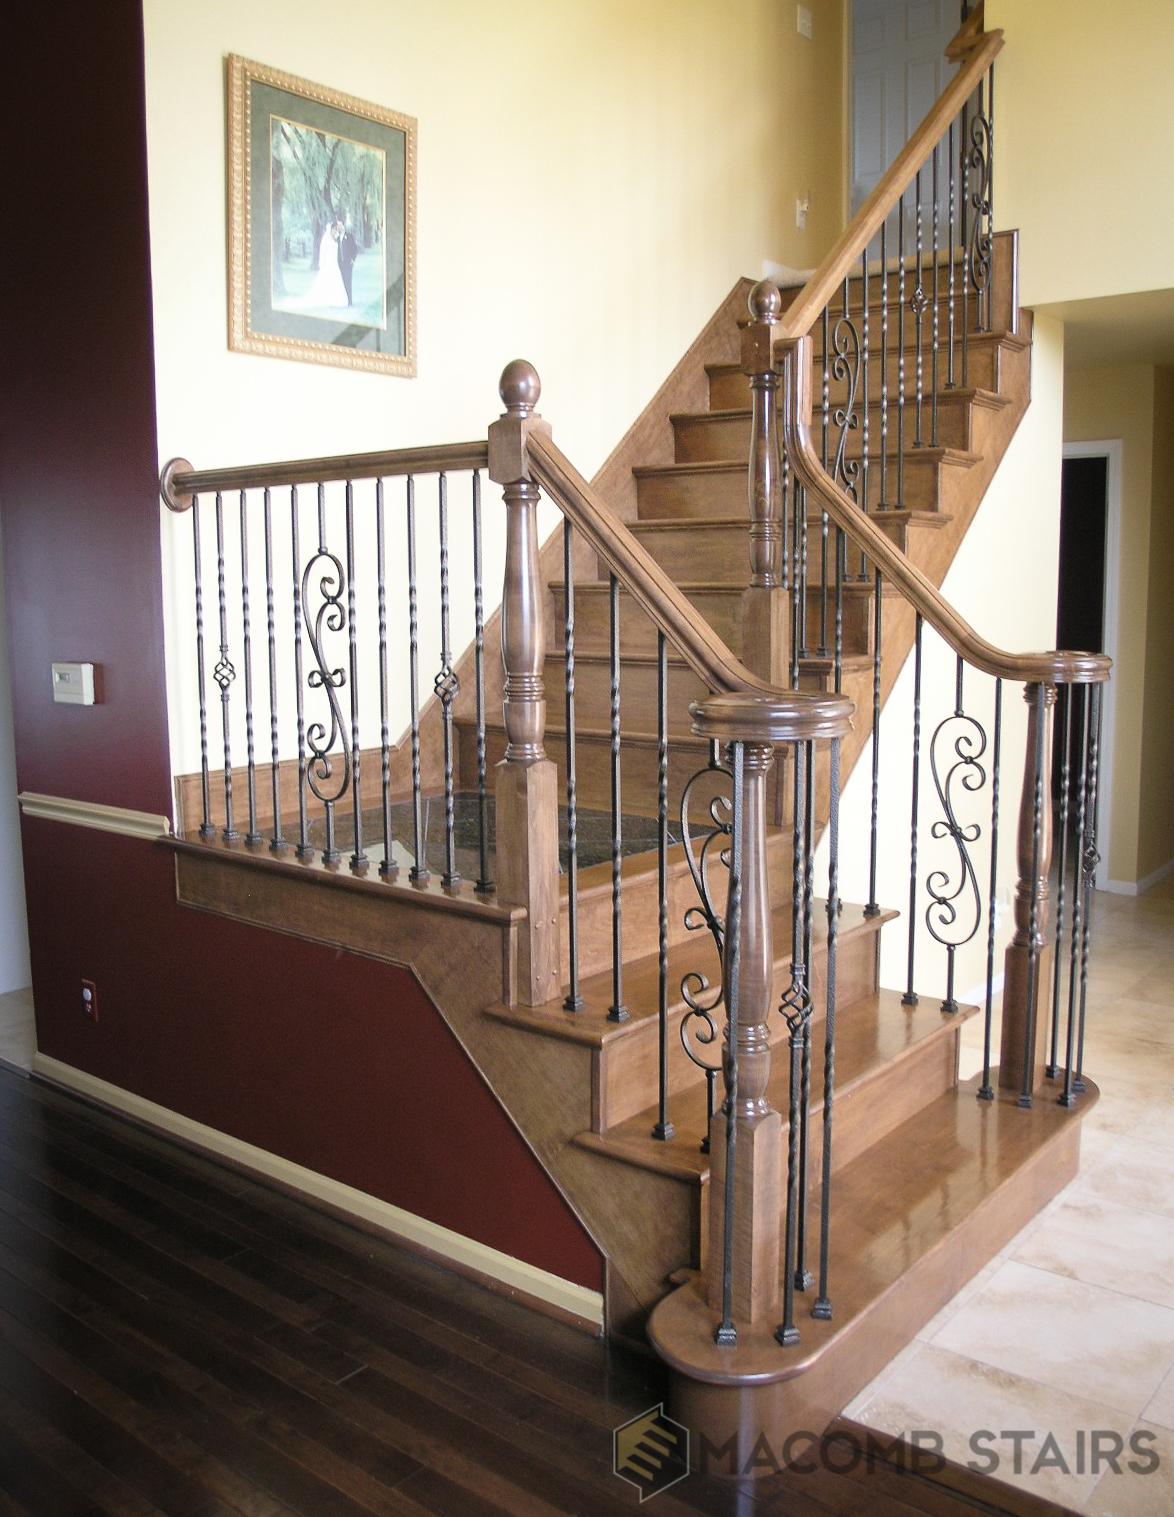 Macomb Stairs- Stair Photo-213.jpg